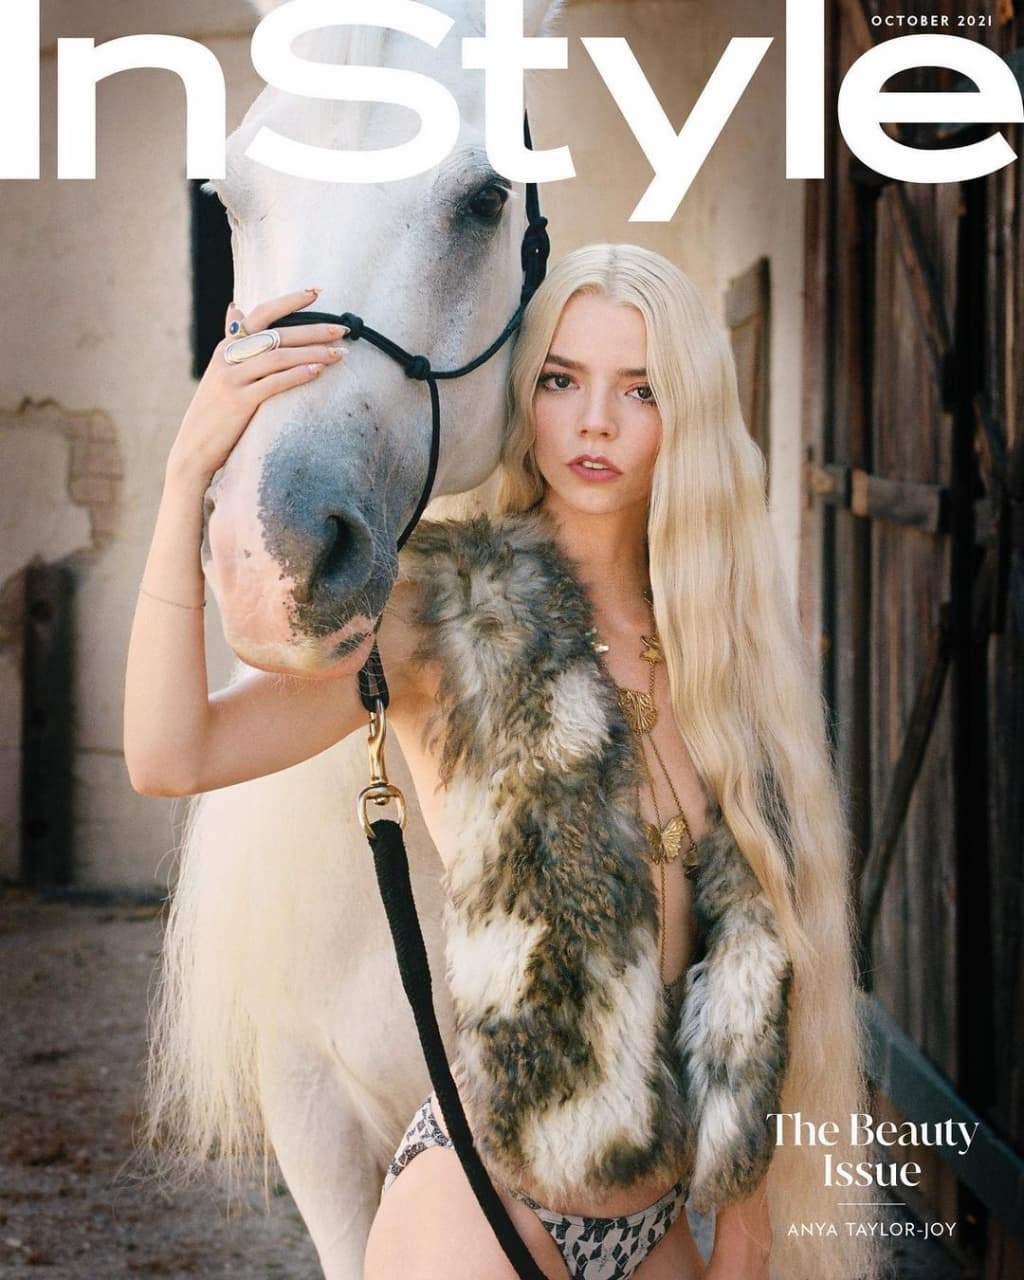 Аня Тейлор-Джой знялася у фотосесії для In Style / Фото з інстаграму видання